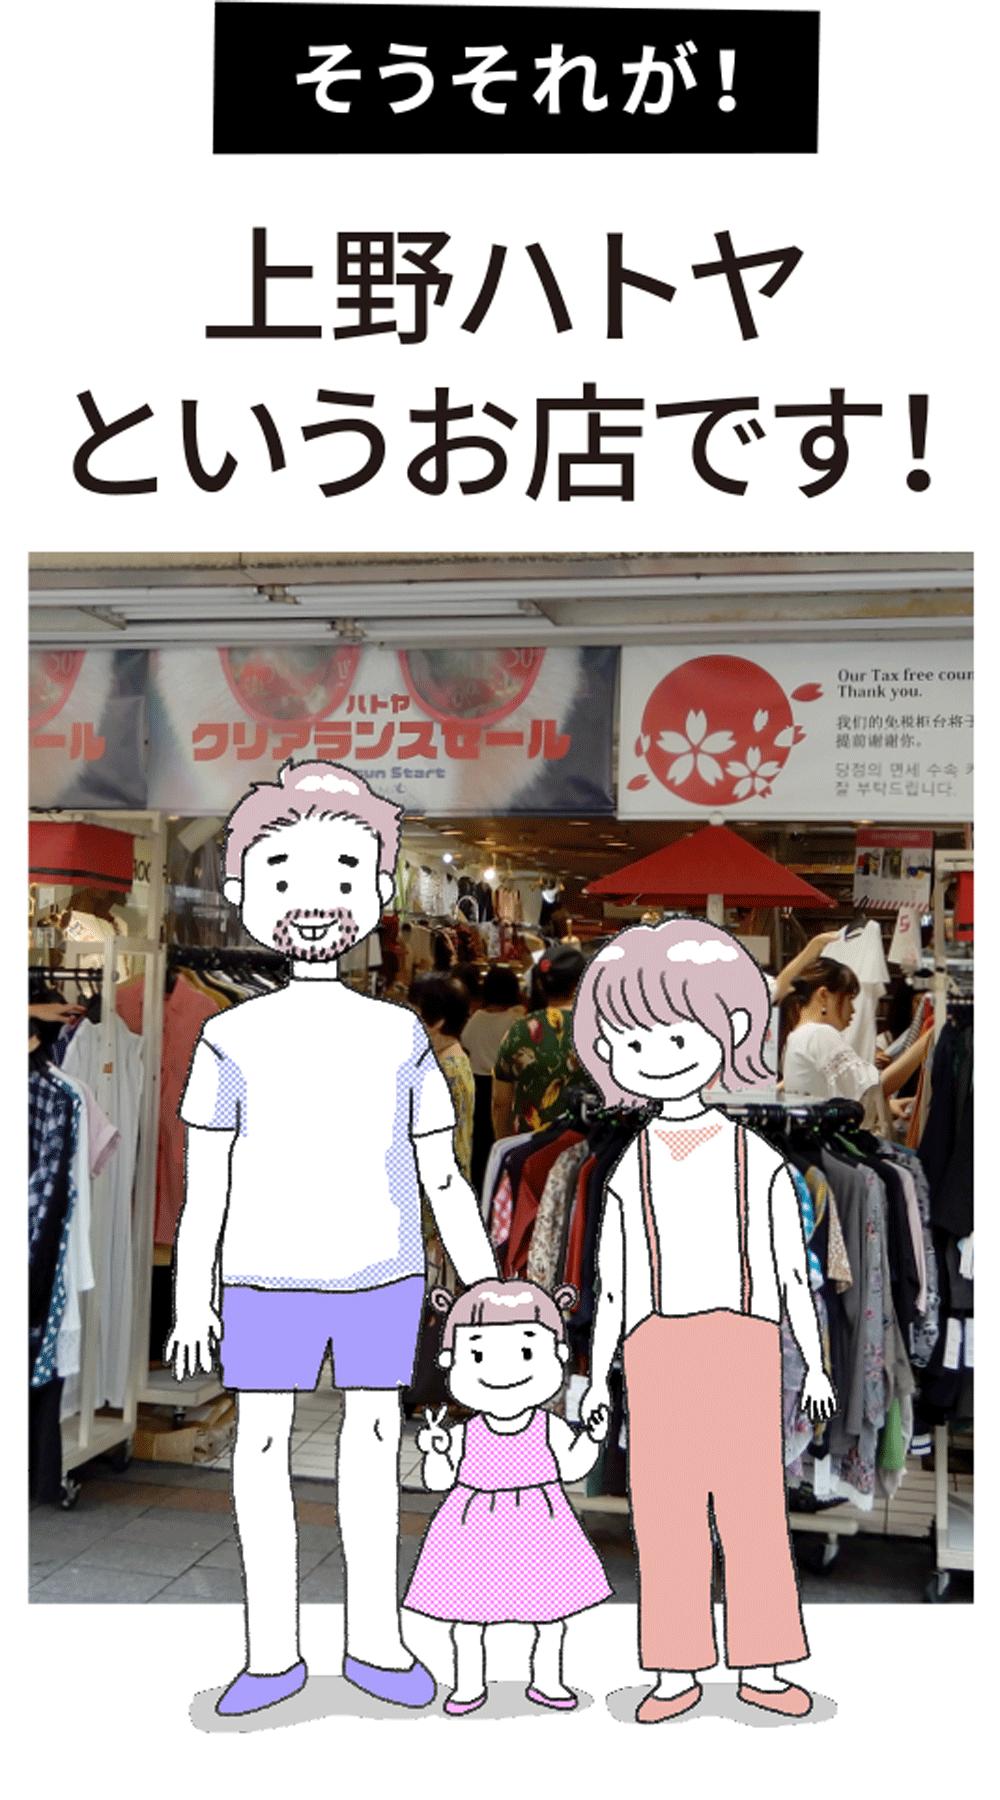 そうそれが!上野ハトヤというお店です!